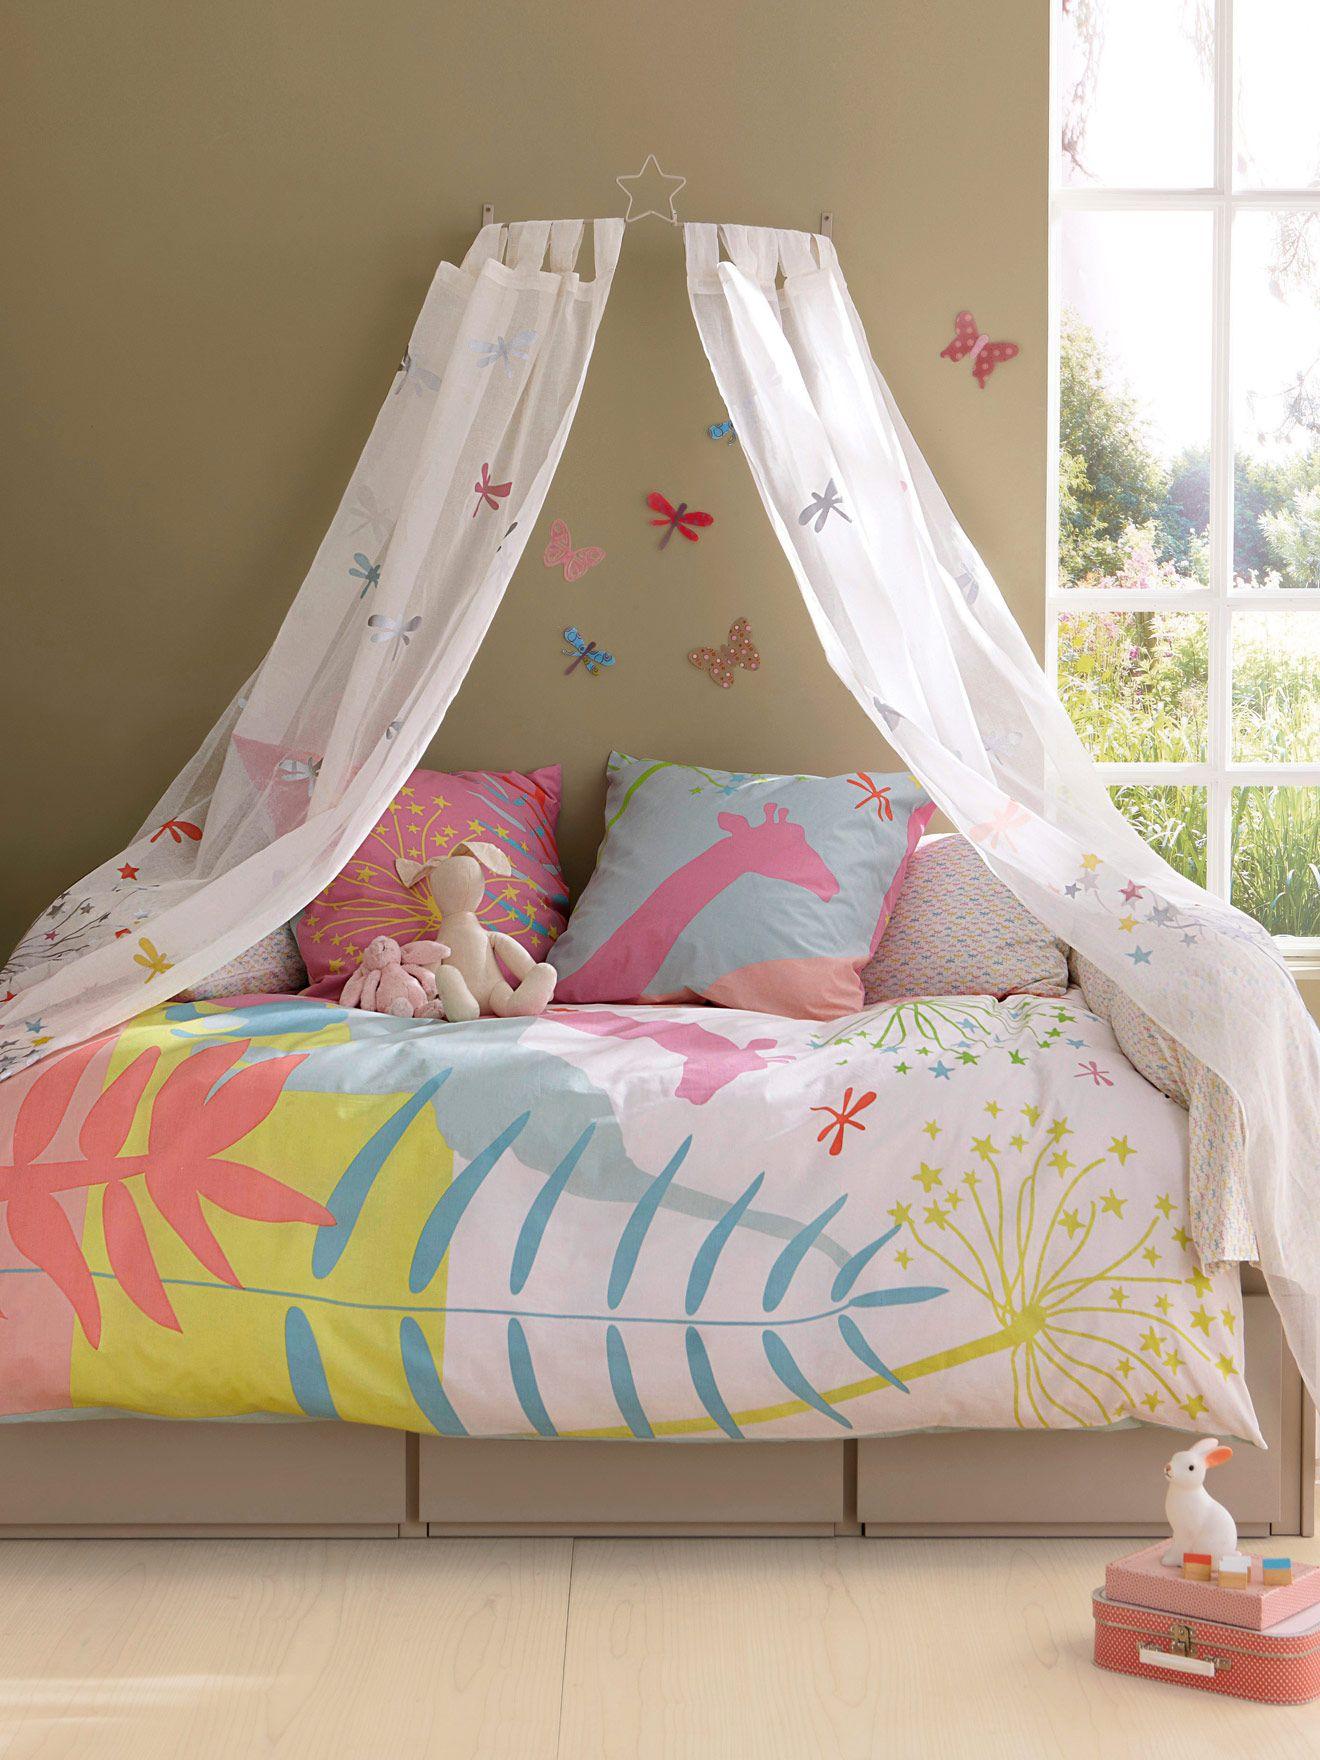 Rideau brodé #fleurs et #libellules thème Savana, Chambre #enfants ...